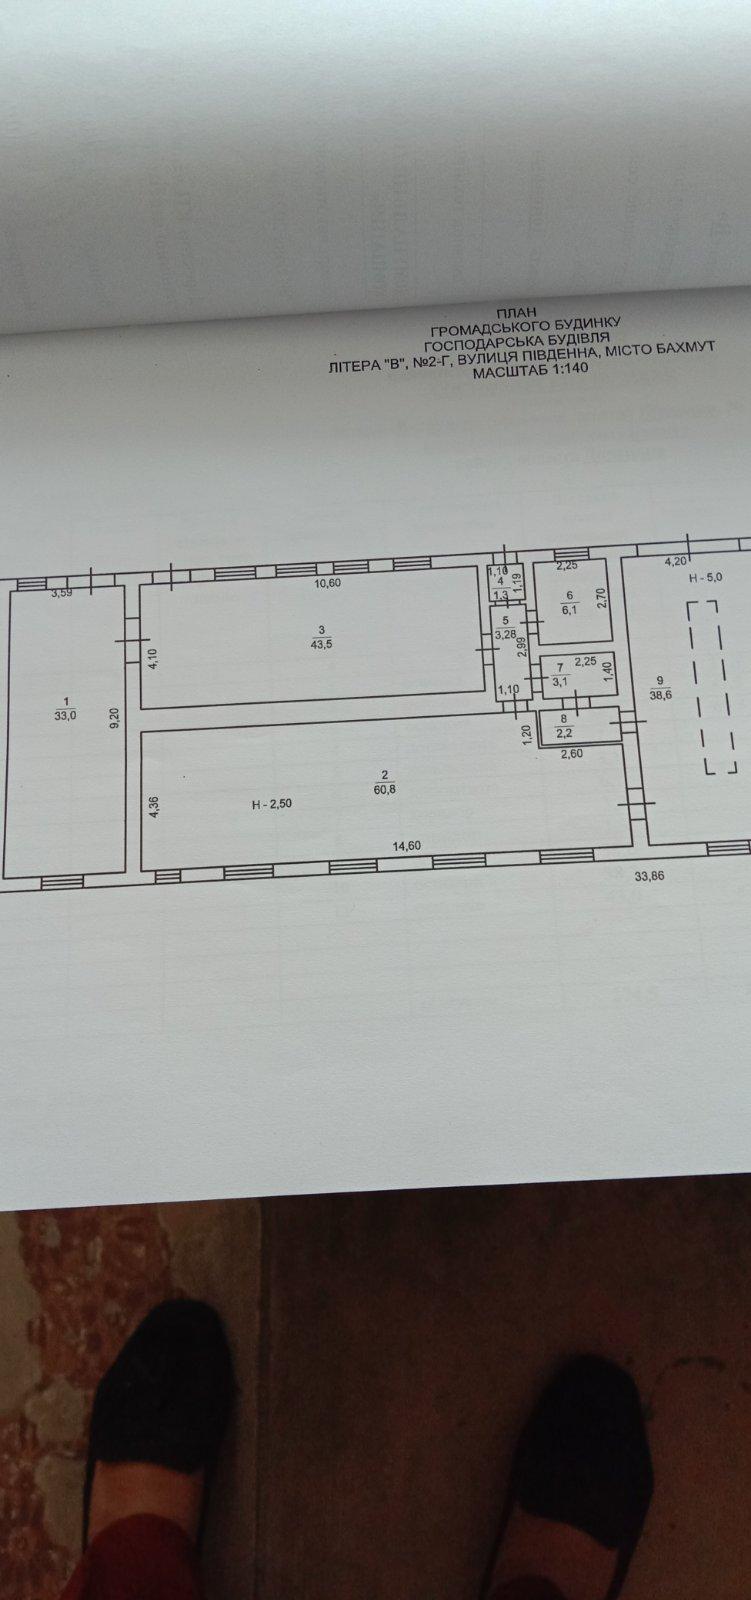 Аукціон на право оренди майна комунальної власності Бахмутської міської територіальної громади, розташованого за адресою: м.Бахмут, вул.Південна, 2 Г